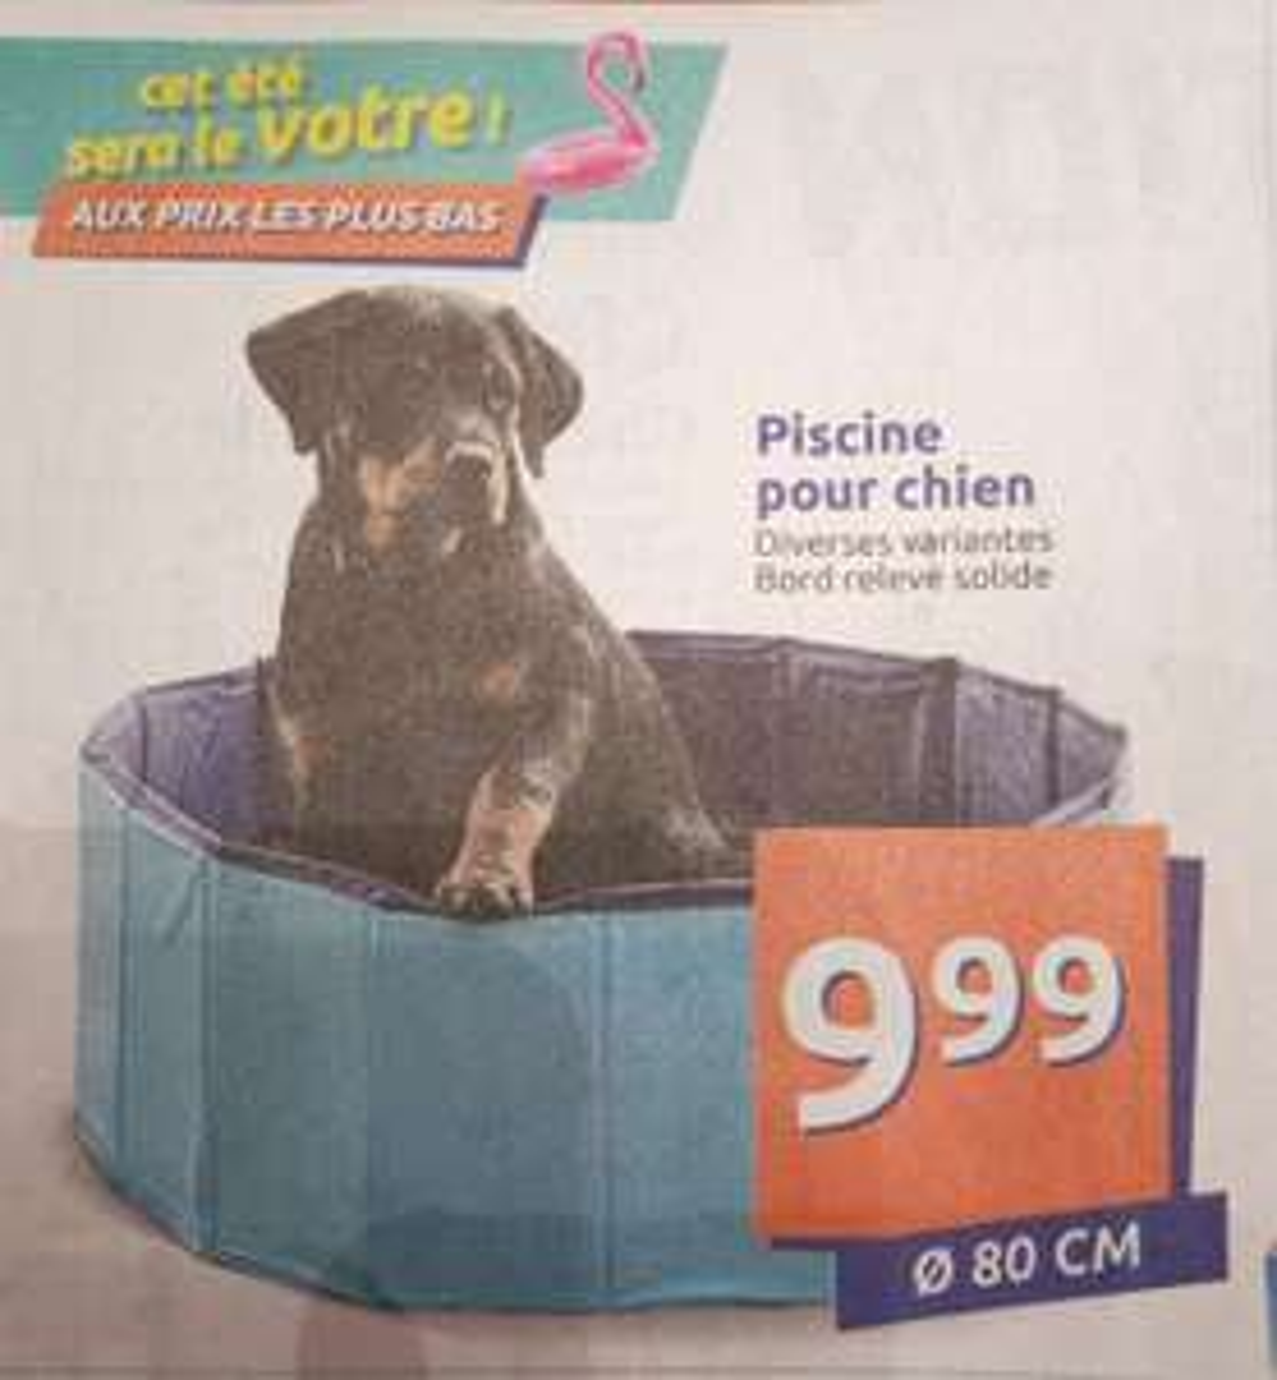 Piscine pour chien (80cm)